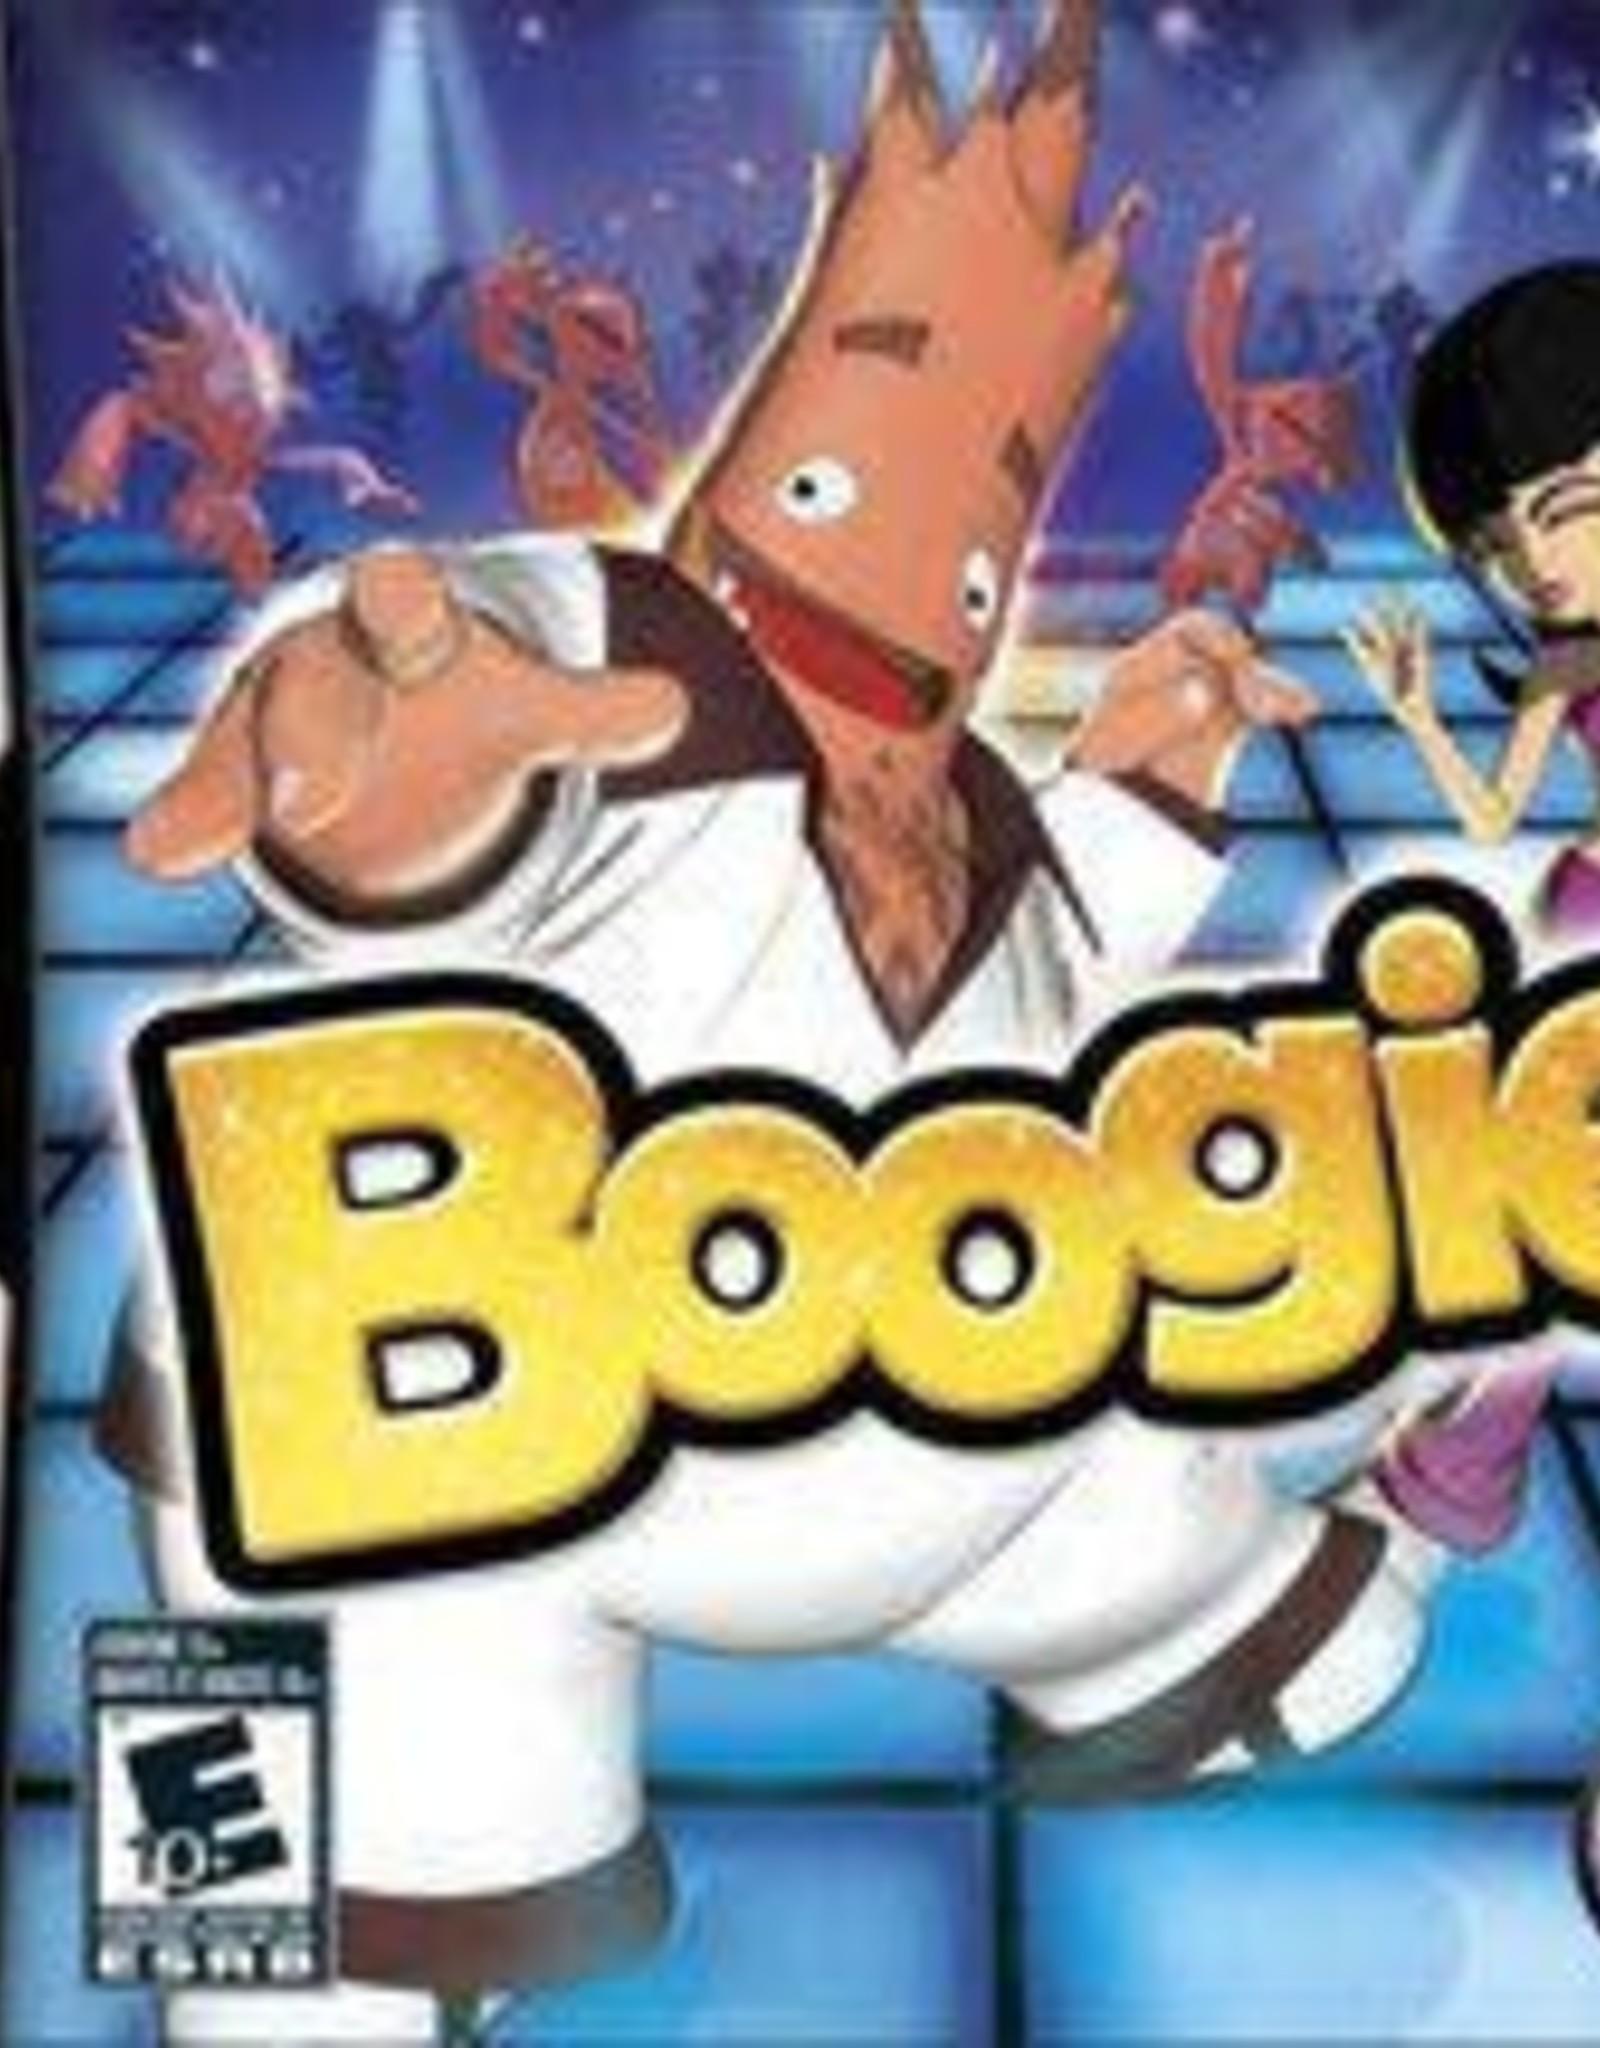 Nintendo DS Boogie